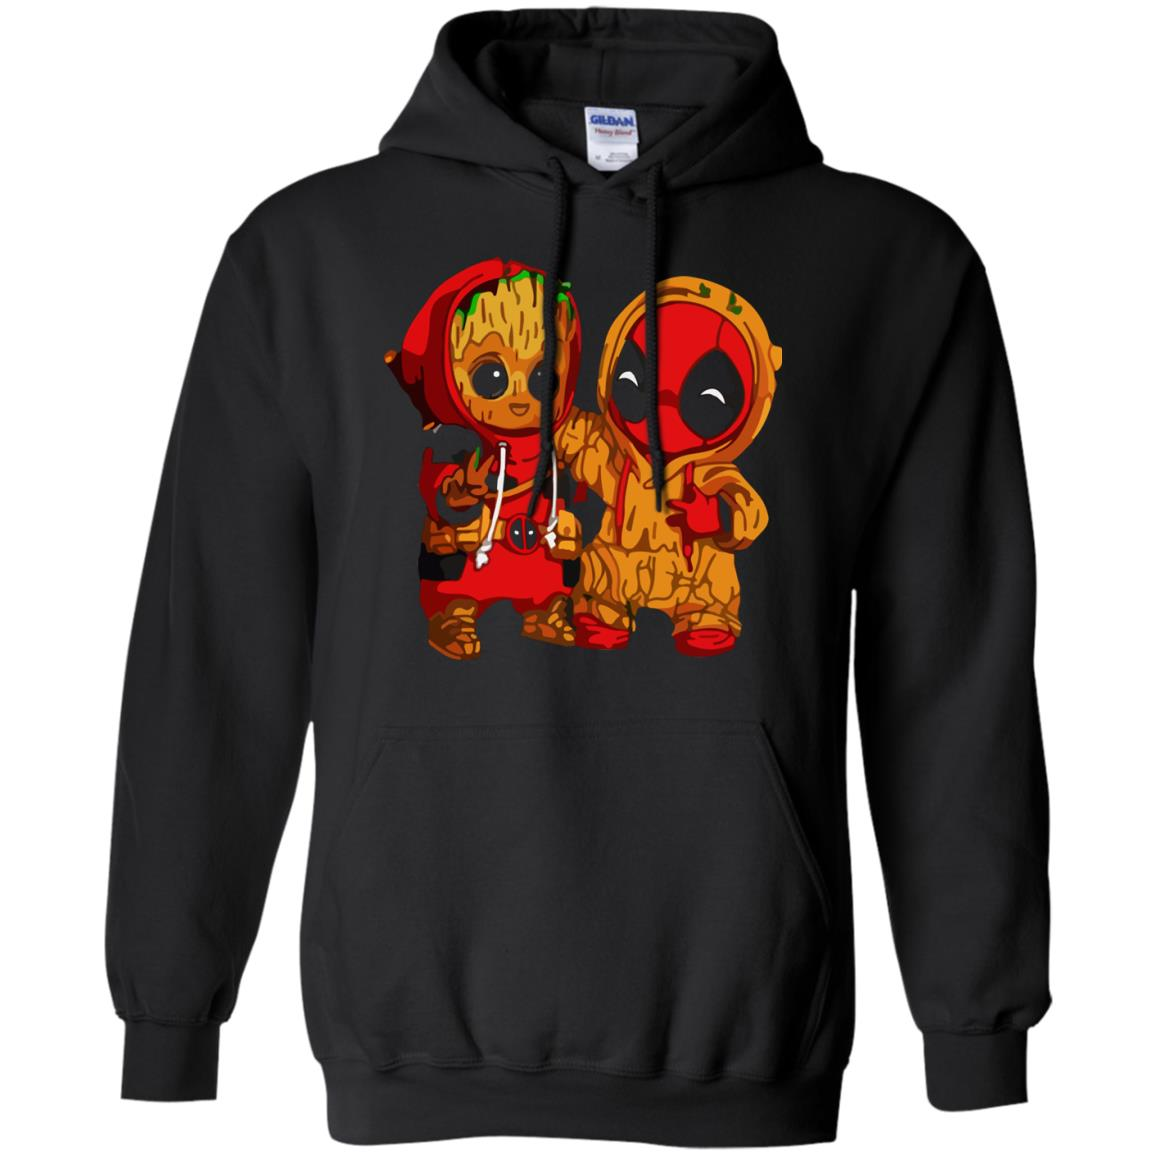 image 435 - Baby Groot And Deadpool Sweatshirt, Hoodie